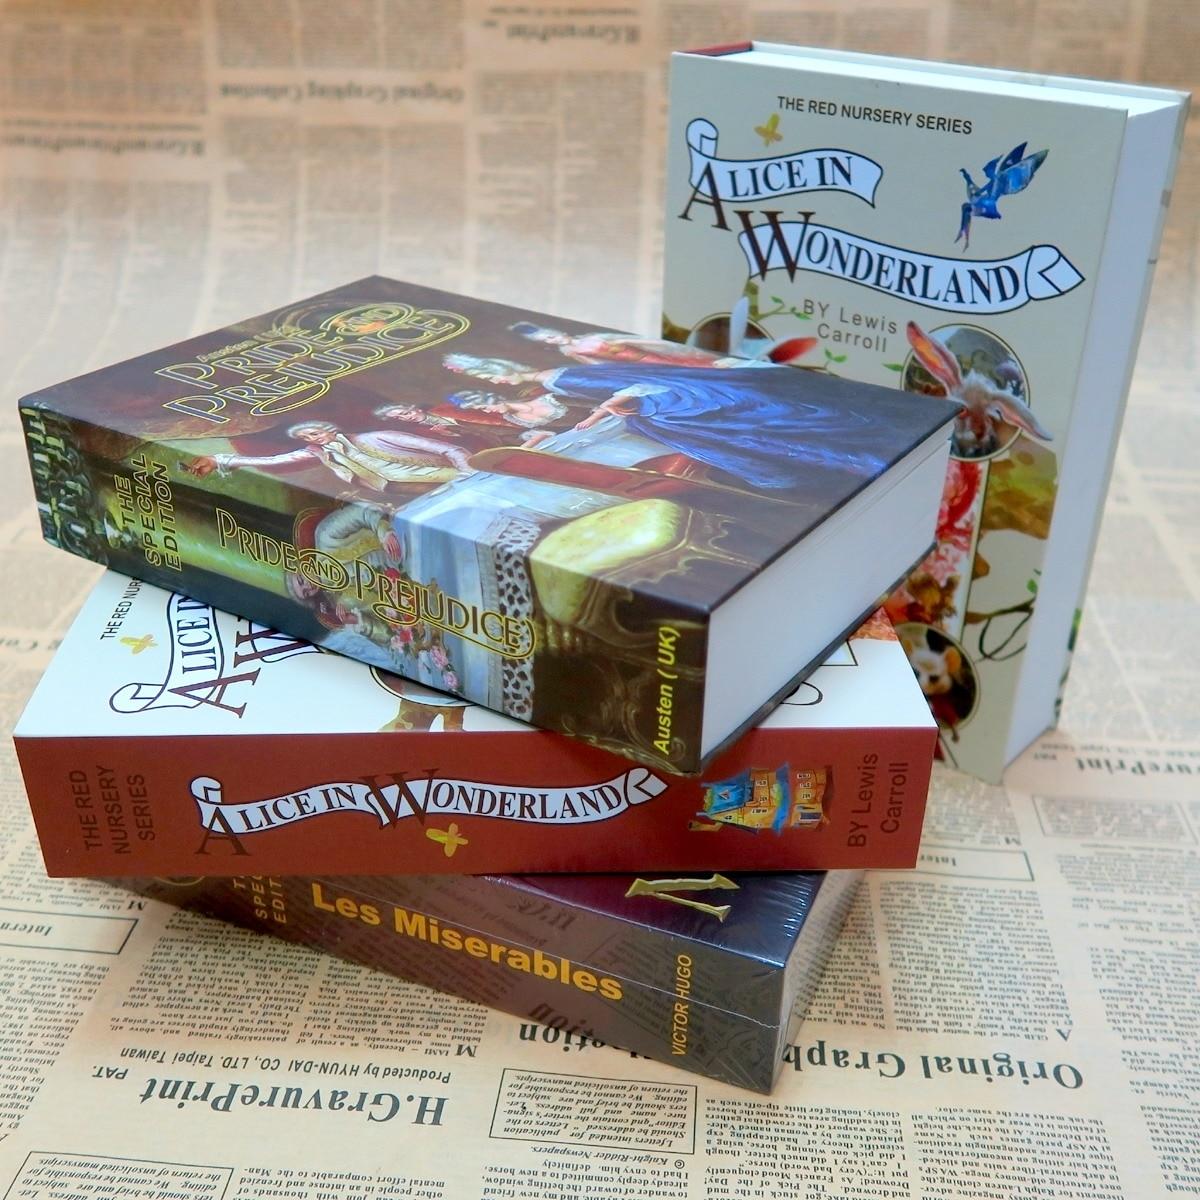 Несколько книг для моделирования, мини безопасный скрытый замок безопасности, хранение наличных монет, ювелирный шкаф для ключей, Подарочная денежная коробка для детей